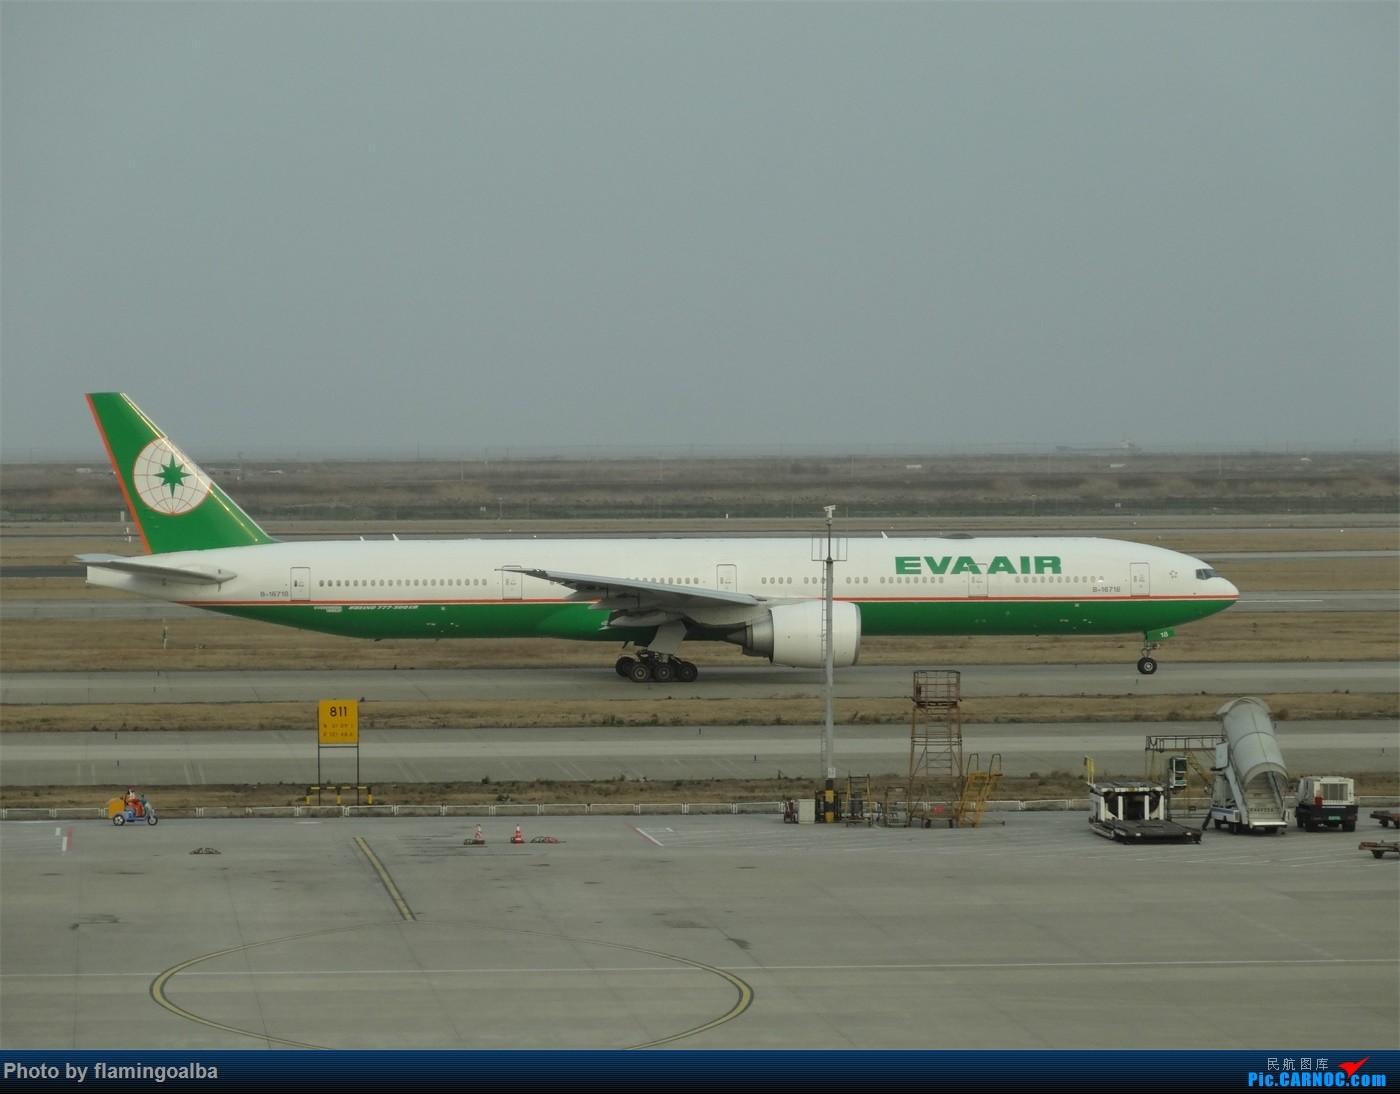 Re:[原创]浦东-达拉斯-纽瓦克-华盛顿里根-拉斯维加斯-洛杉矶-达拉斯-浦东 B777-300ER B-16781 中国上海浦东国际机场